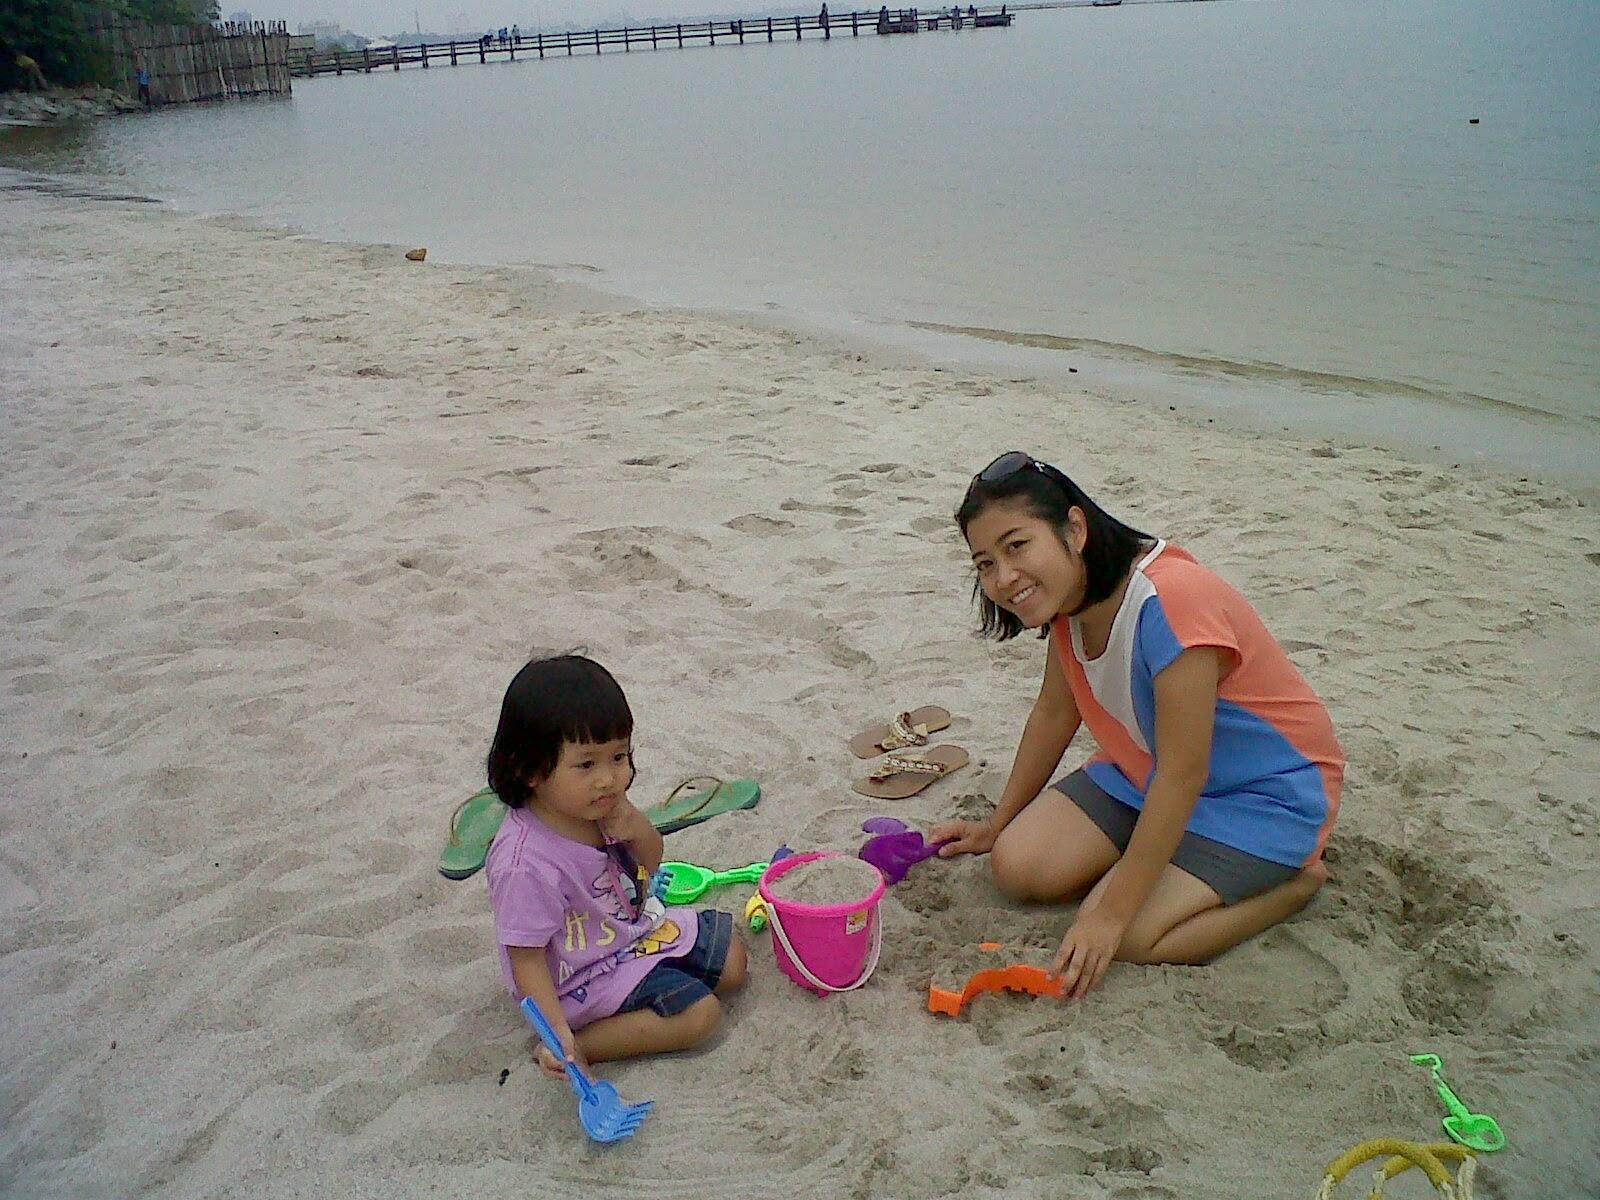 Gambar Kumpulan Gambar Anak Asyik Bermain Pasir Pantai